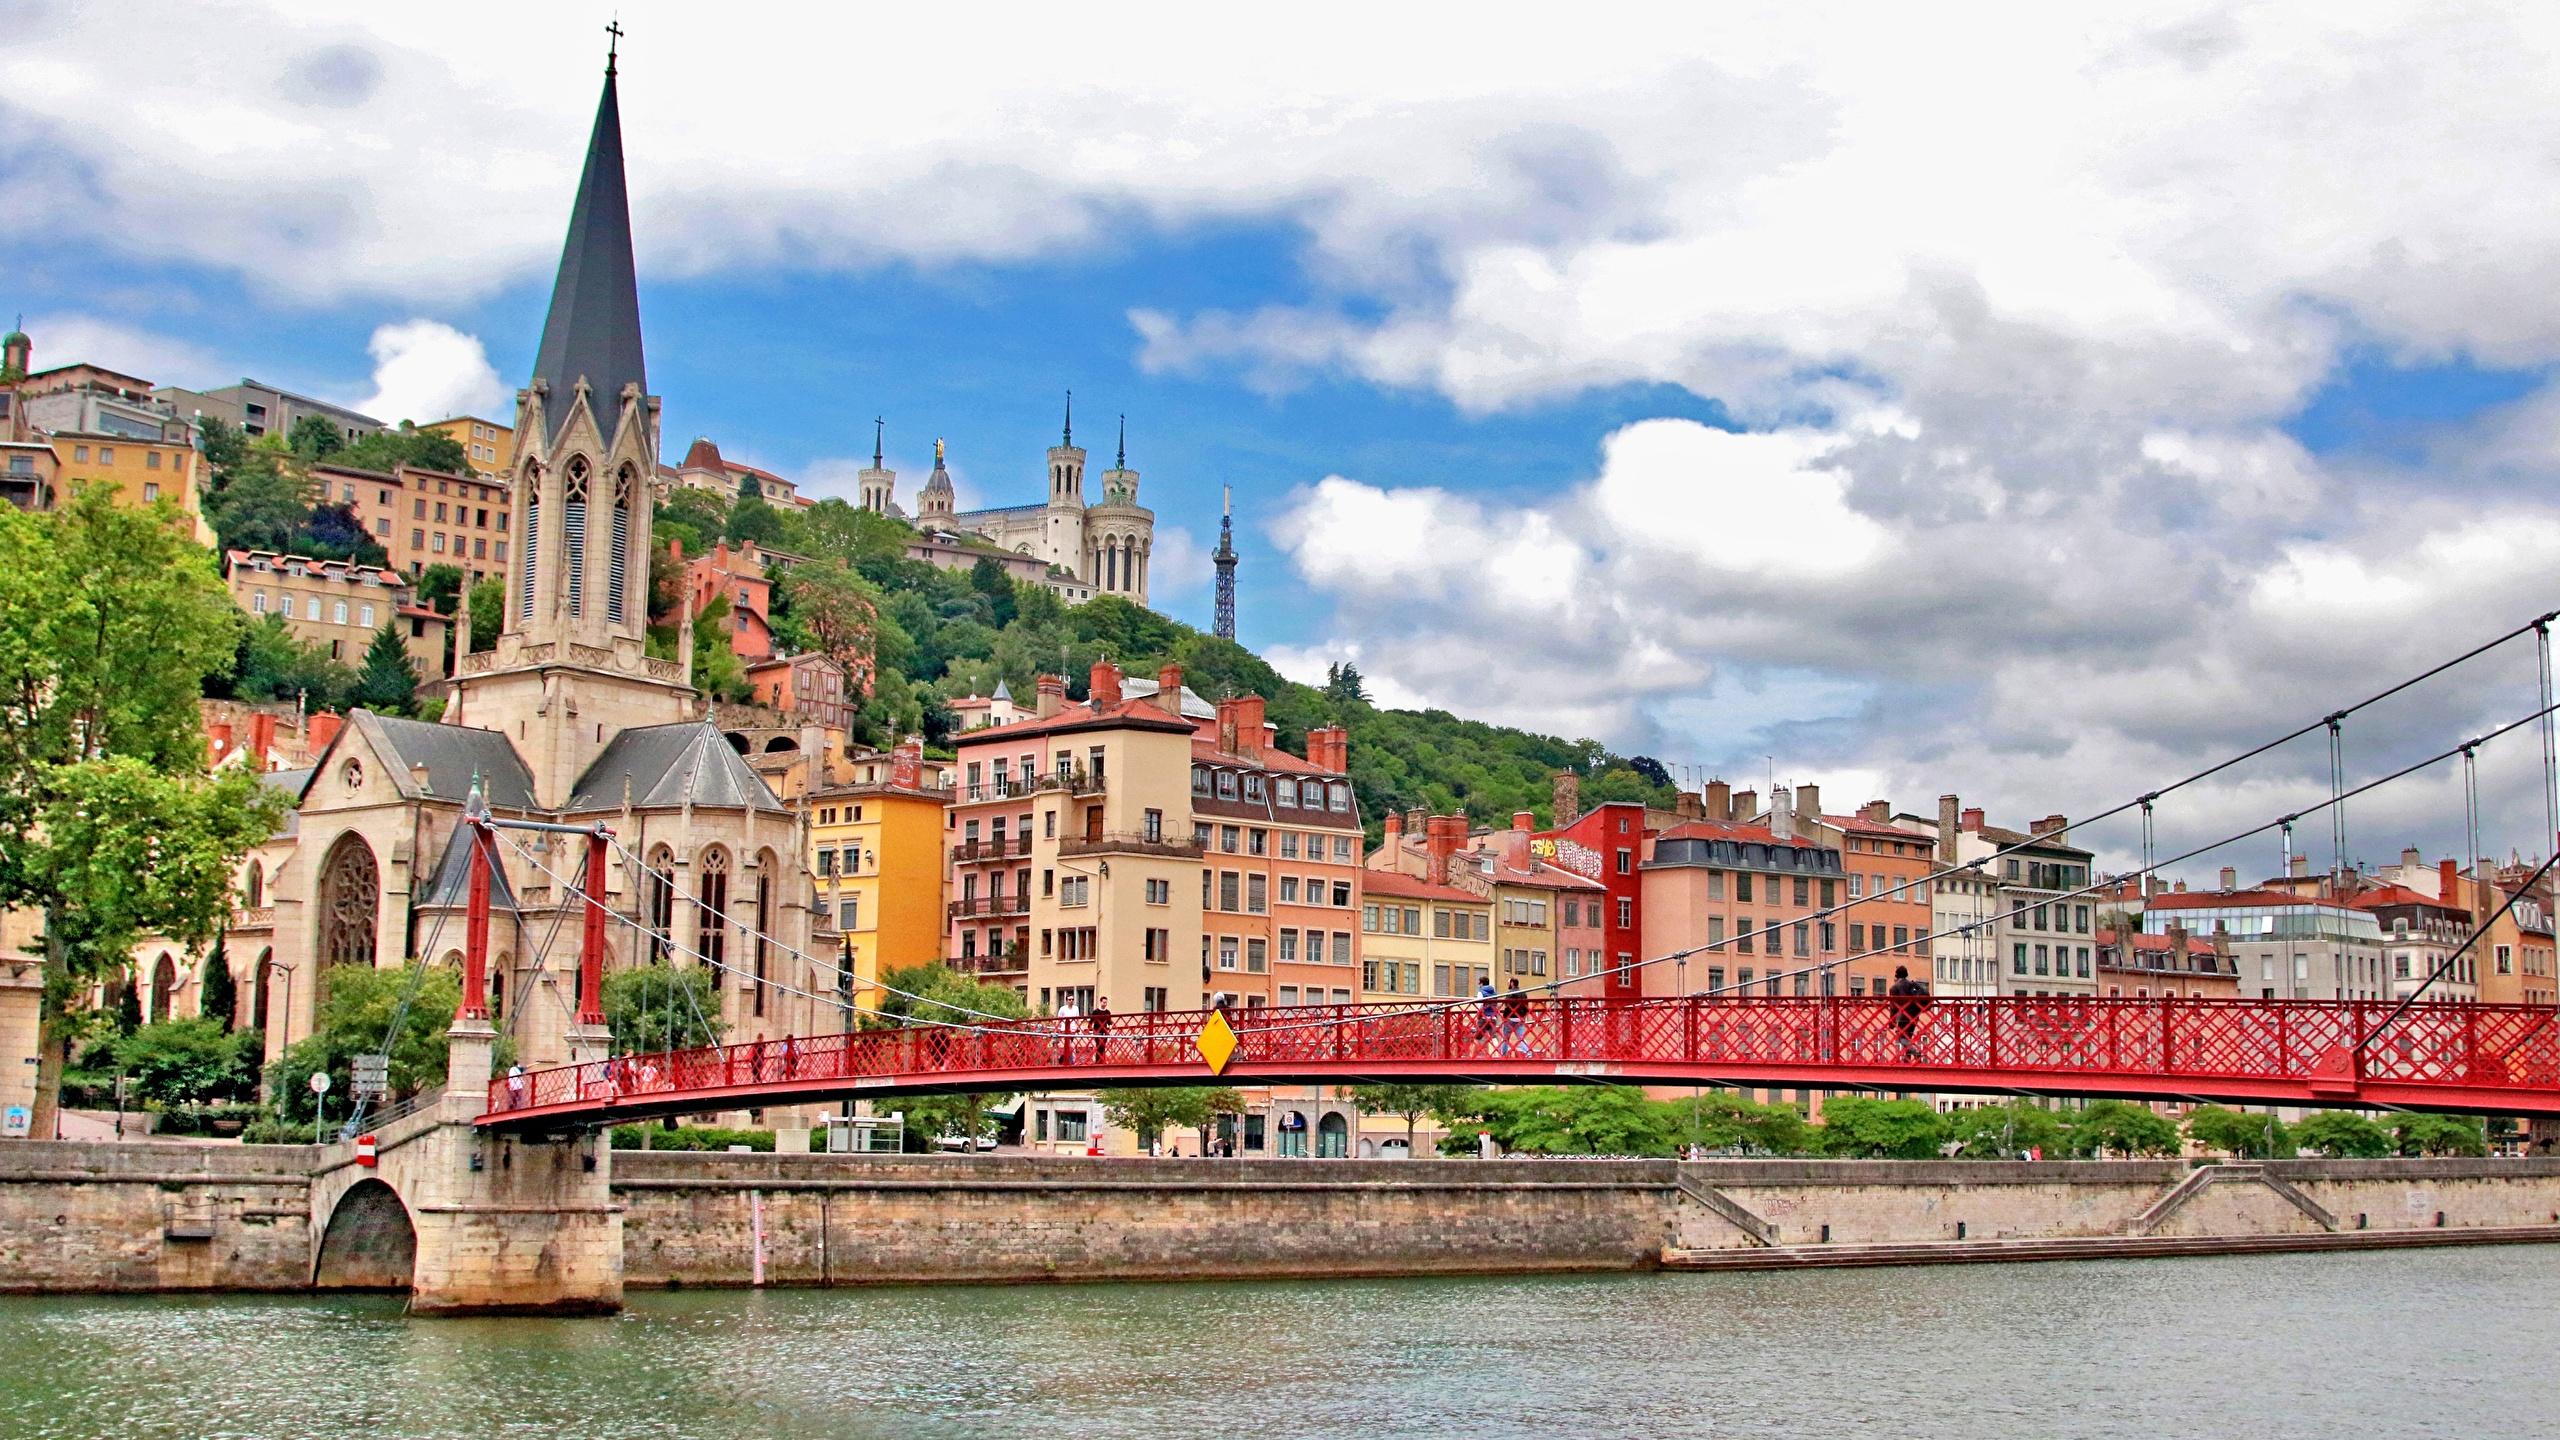 Fonds D Ecran 2560x1440 Ponts Maison Rivieres France Eglise Lyon St George S Bridge Fourviere Hill Villes Telecharger Photo